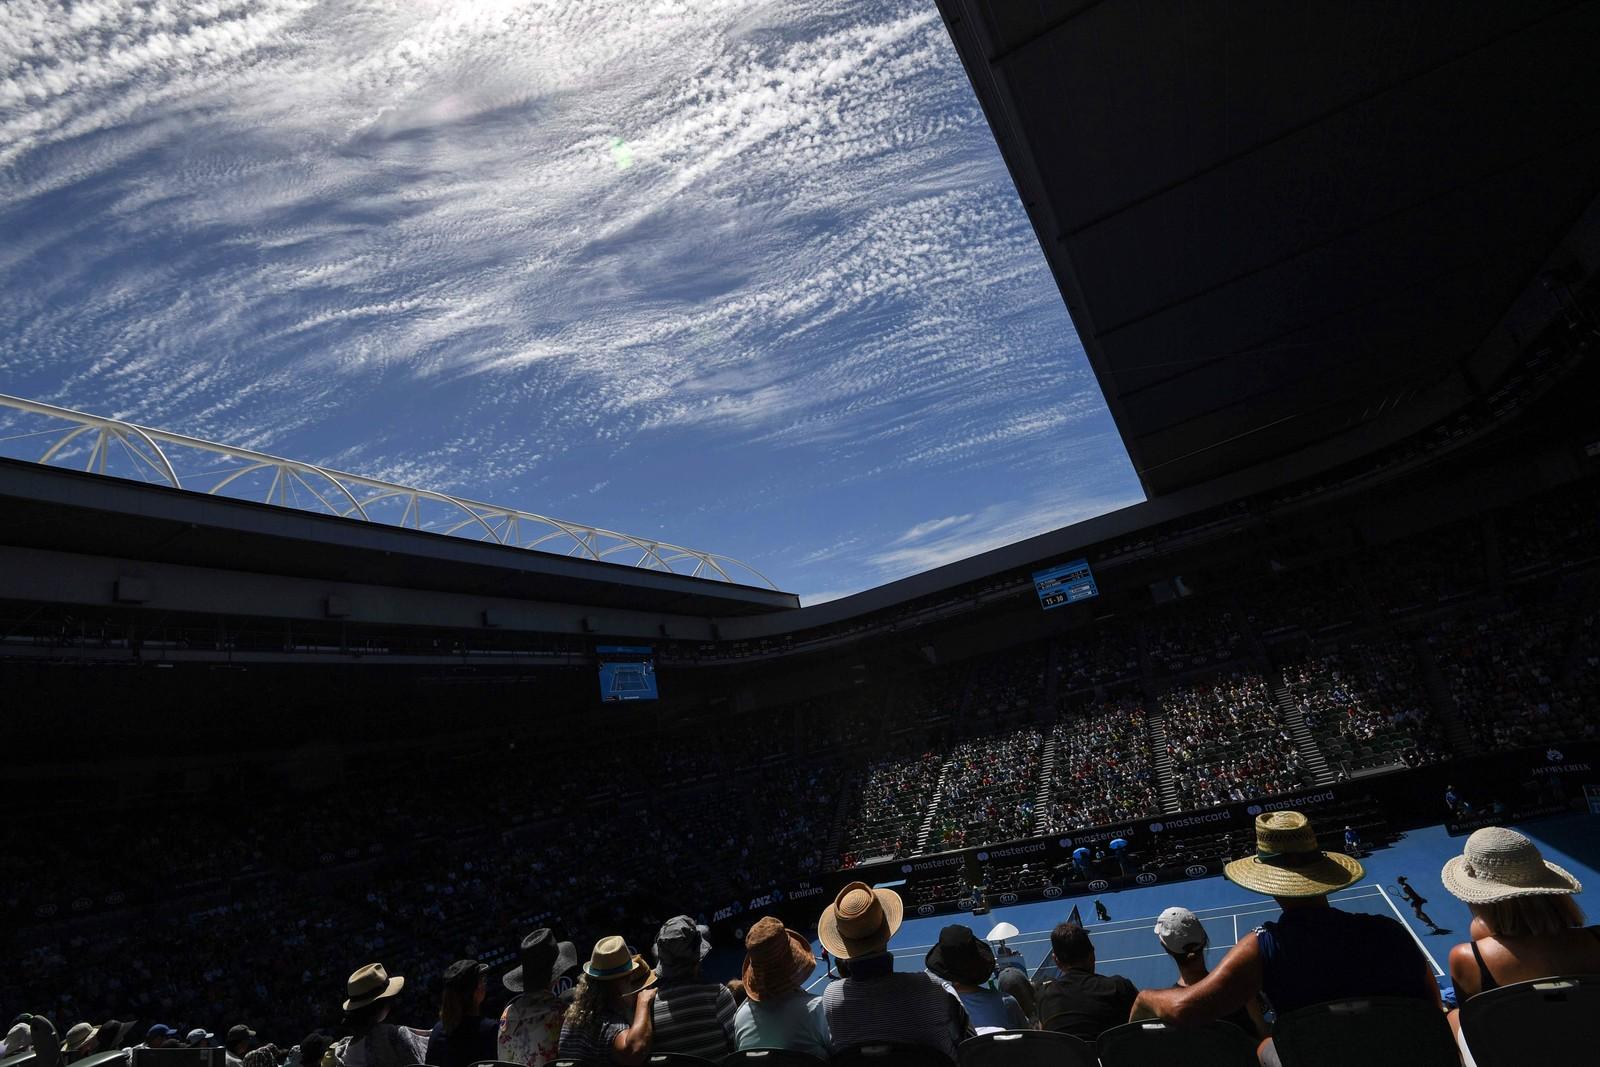 Dette bildet er tatt under den tiende dagen av Australian Open i Melbourne.